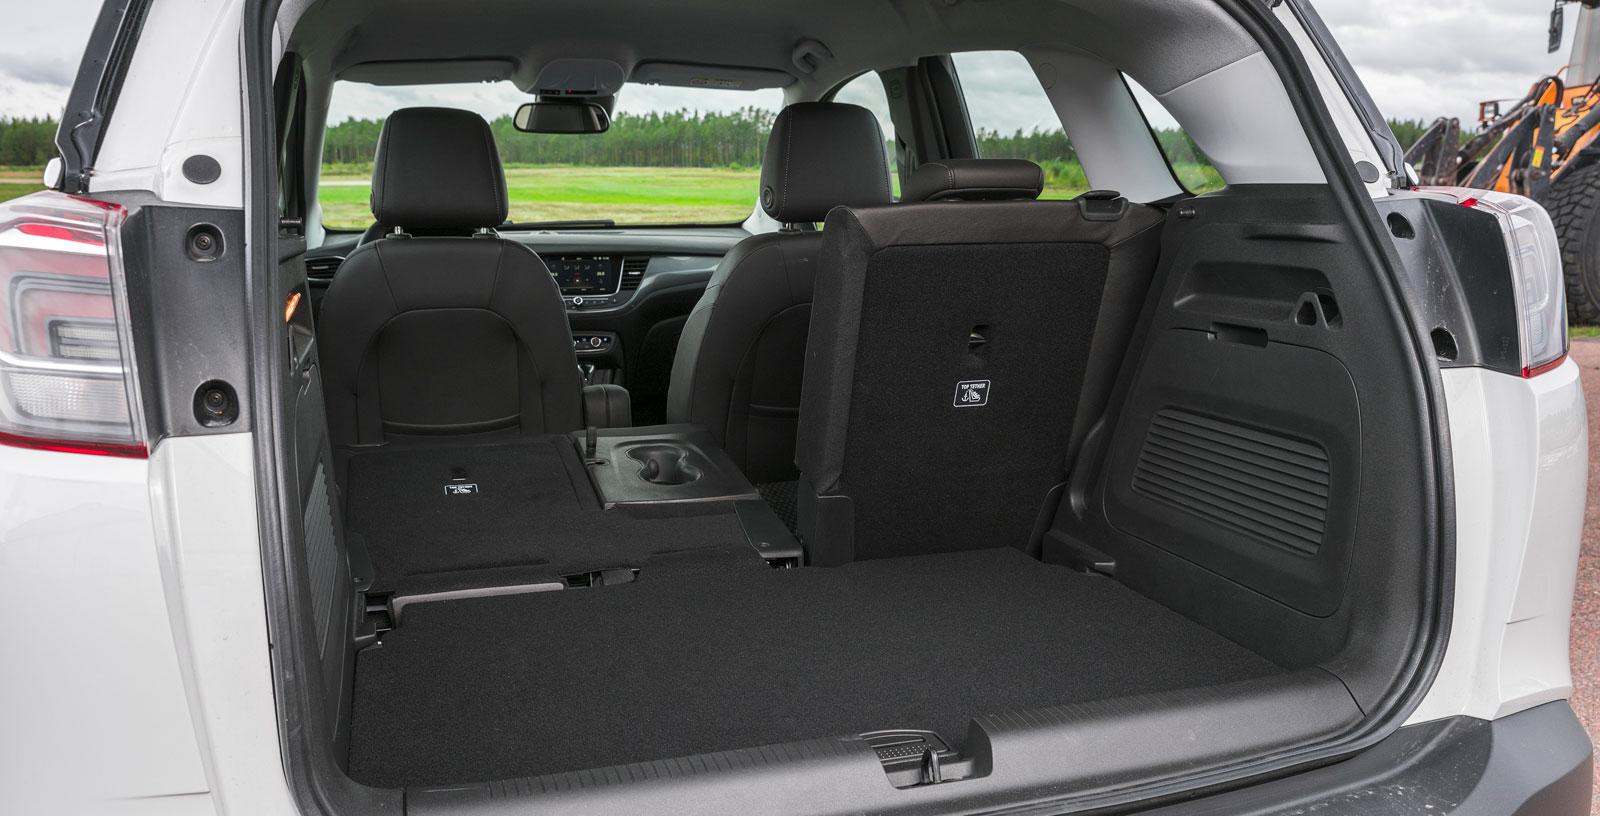 Opels lastutrymme är testets rymligaste och mest flexibla, förutsatt att man satsar 6900 kronor extra på det speciella lastpaketet. Då får man ett skjutbart/delbart baksäte med ett ryggstöd som kan fällas i tre sektioner (40/20/40). Lastgolvet är dubbelt och två bra placerade kasskrokar finns.